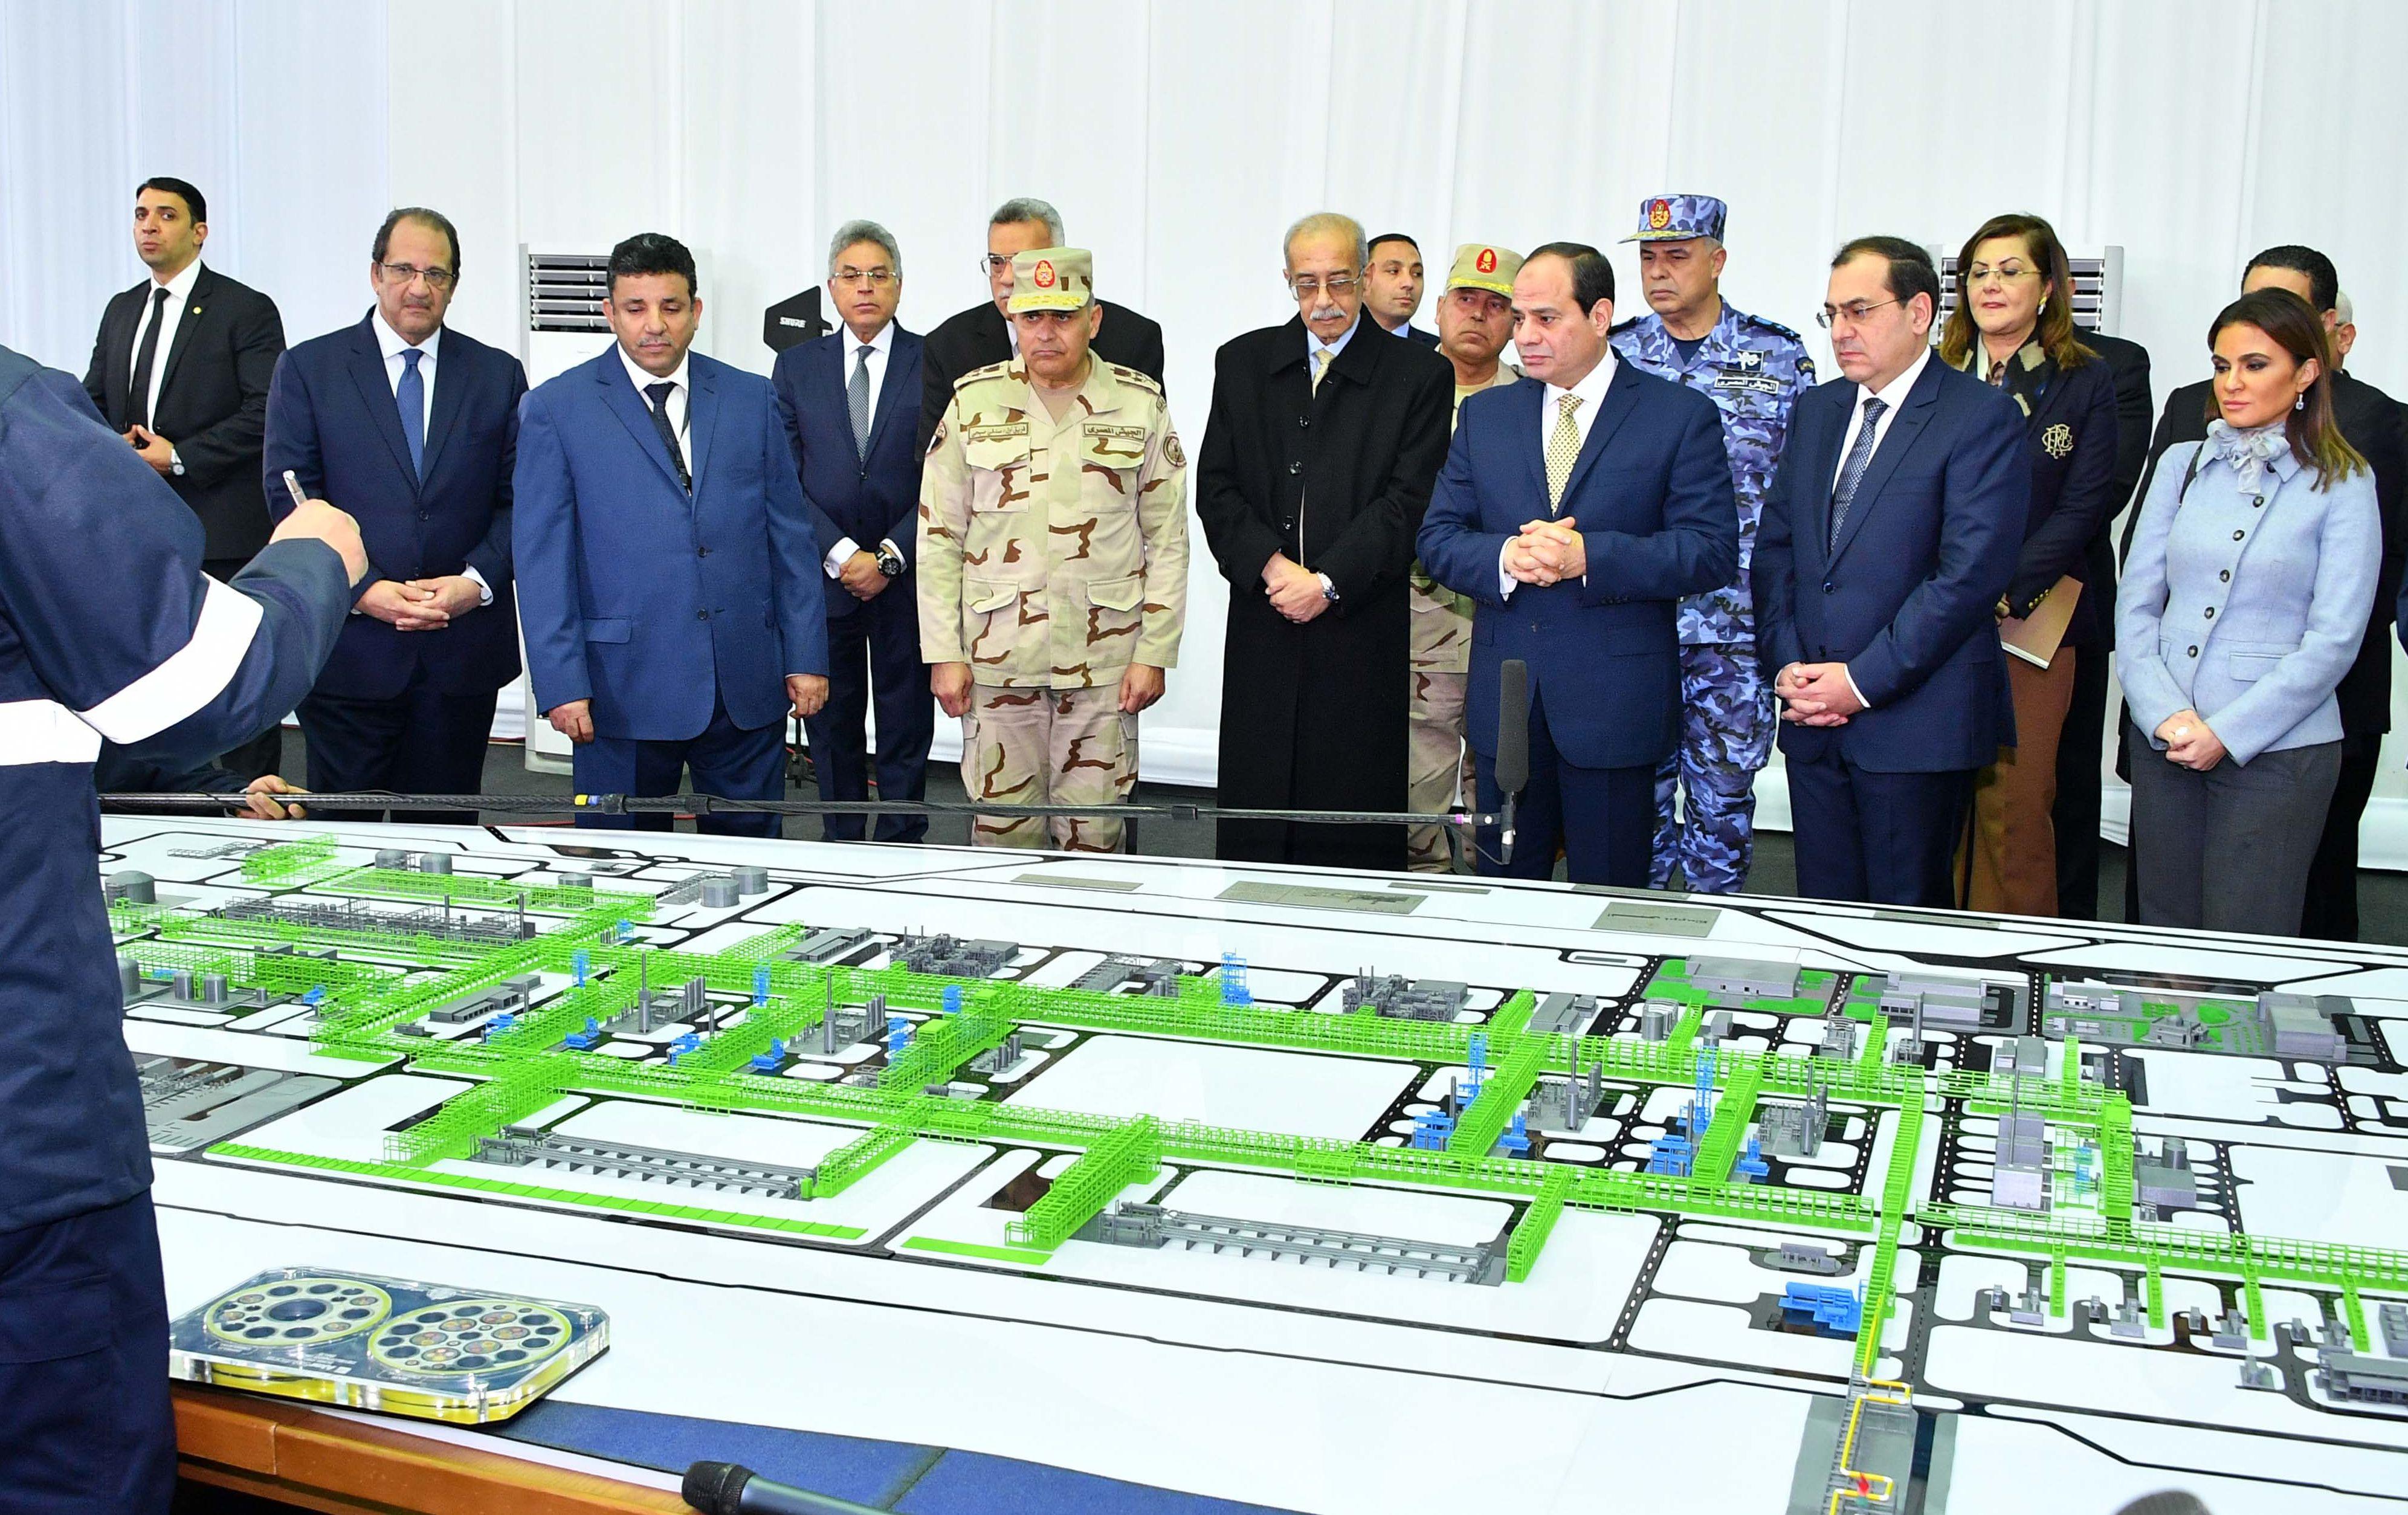 الرئيس السيسي فى افتتاح حقل غاز ظهر فى بورسعيد 31-1-2018 (1)